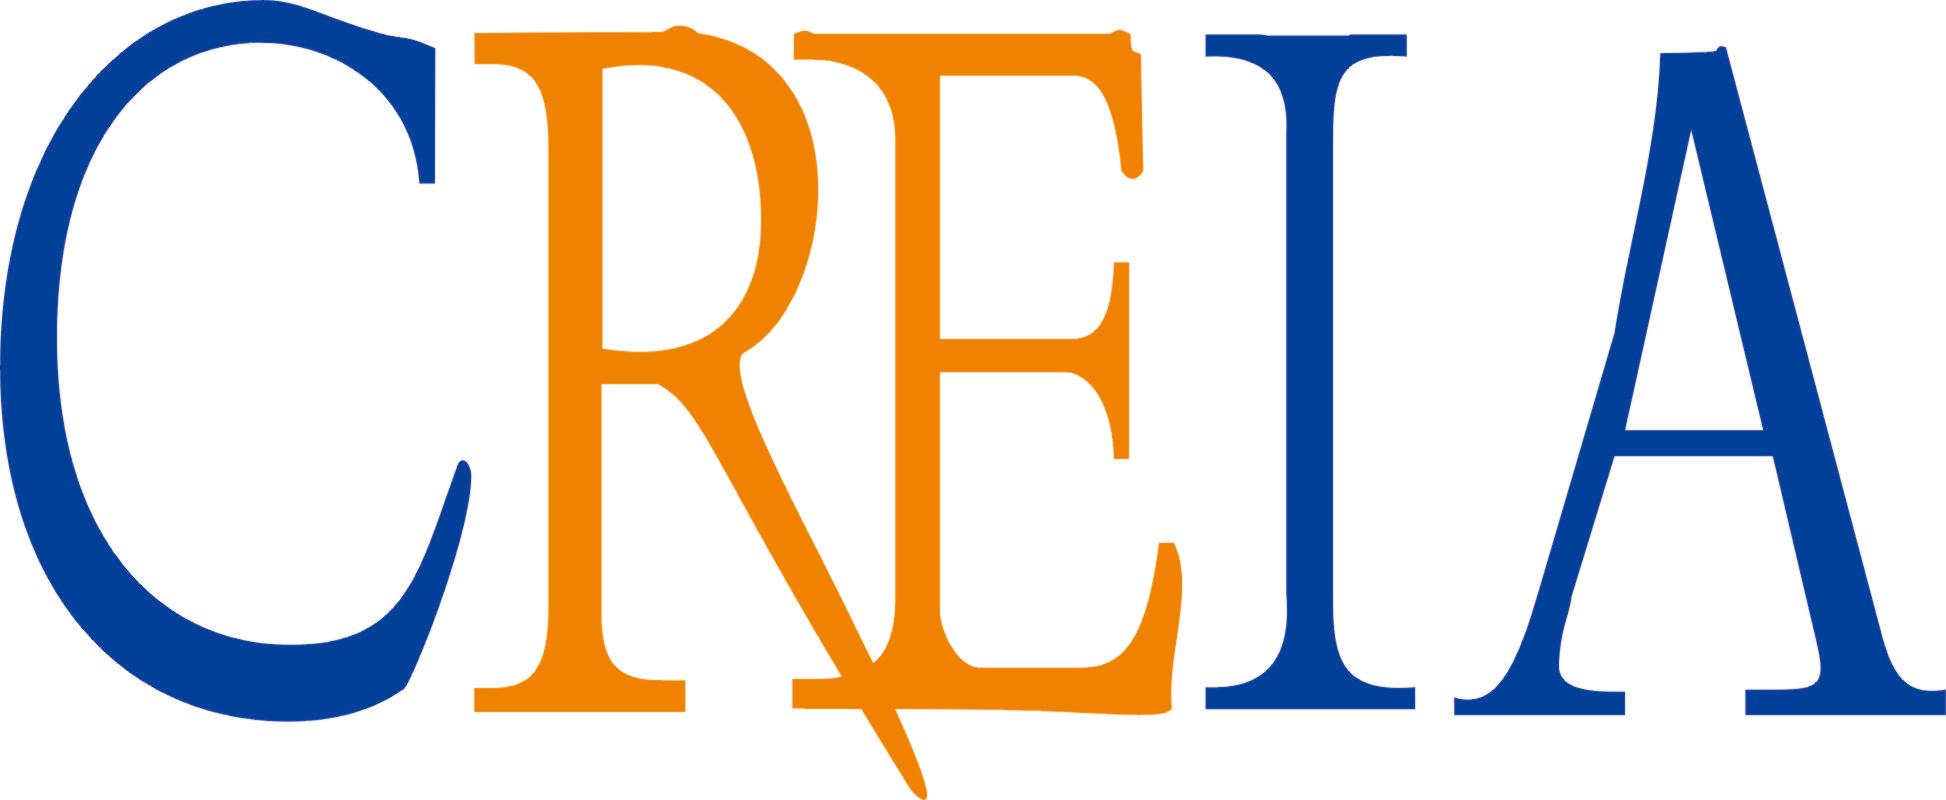 中国循环经济协会可再生能源专业委员会(CERIA)